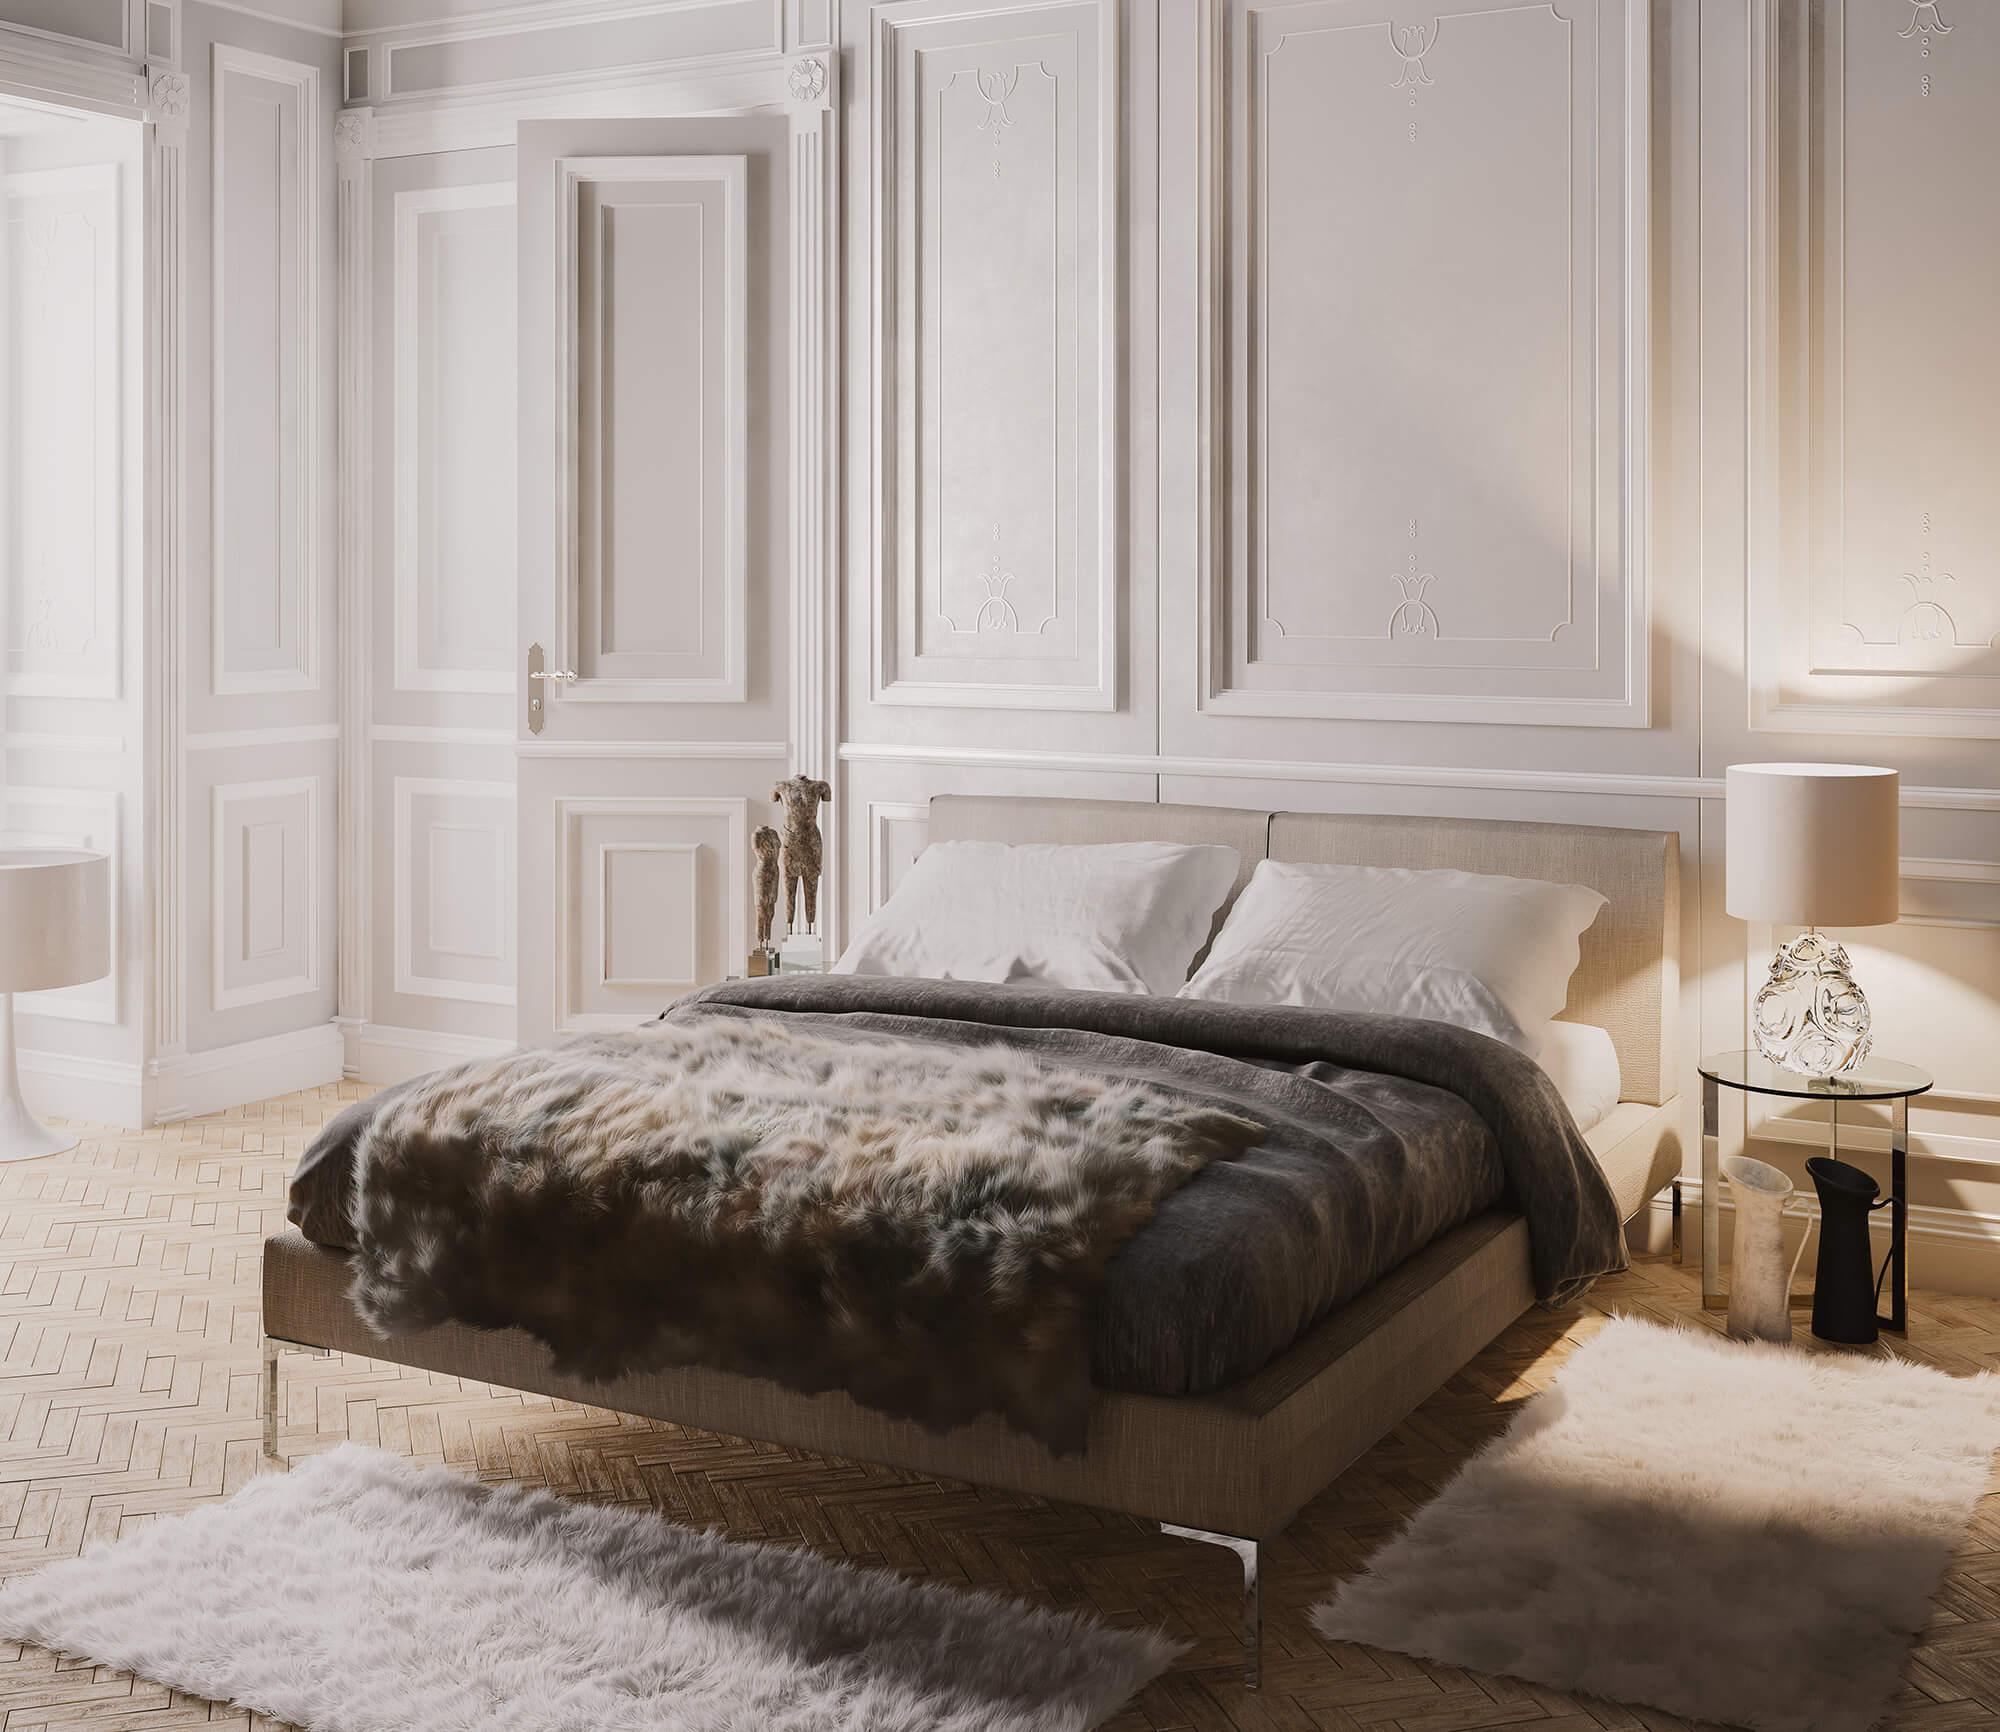 Bedroom Recliner Chairs Bedroom Furniture Floor Plan Cream Carpet Bedroom Bedroom Bench Uk: White Crow Studios